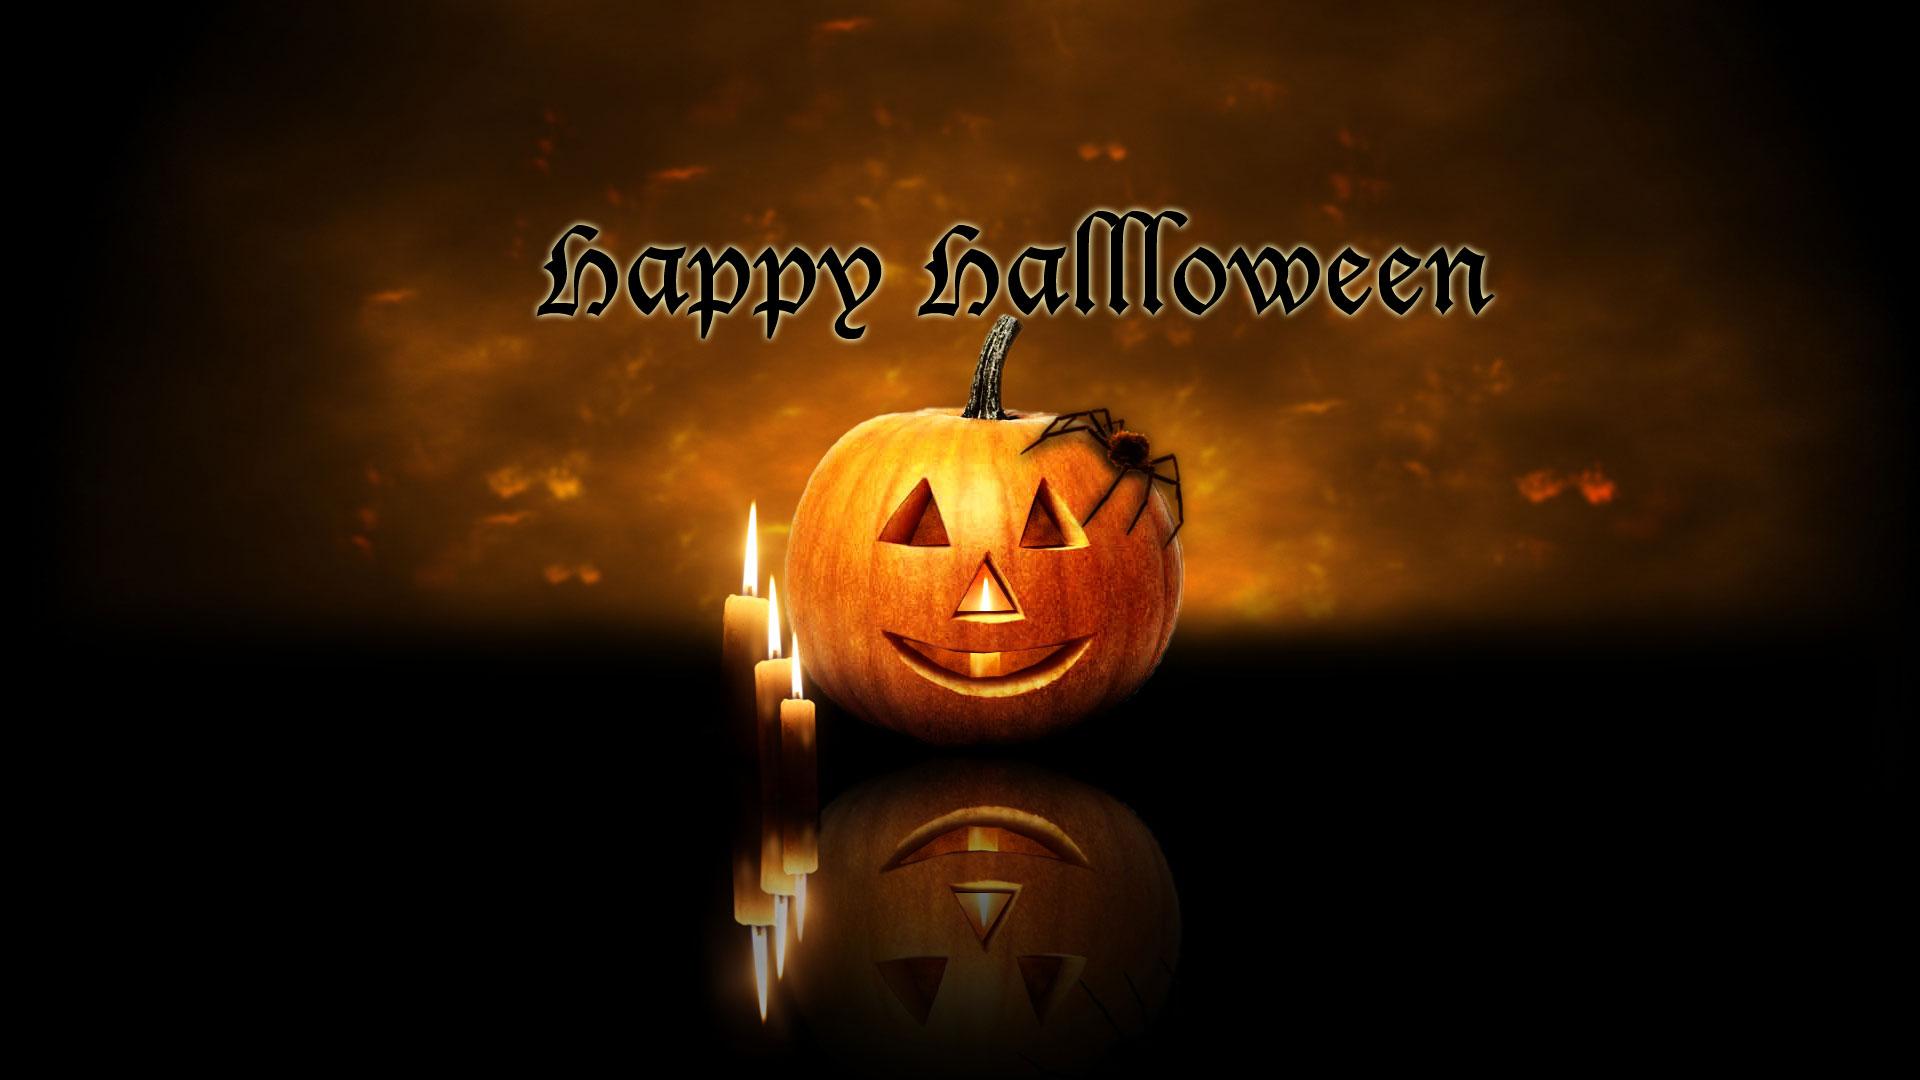 Halloween Wallpapers 20 Fonds D Ecran Hd Gratuits A Telecharger